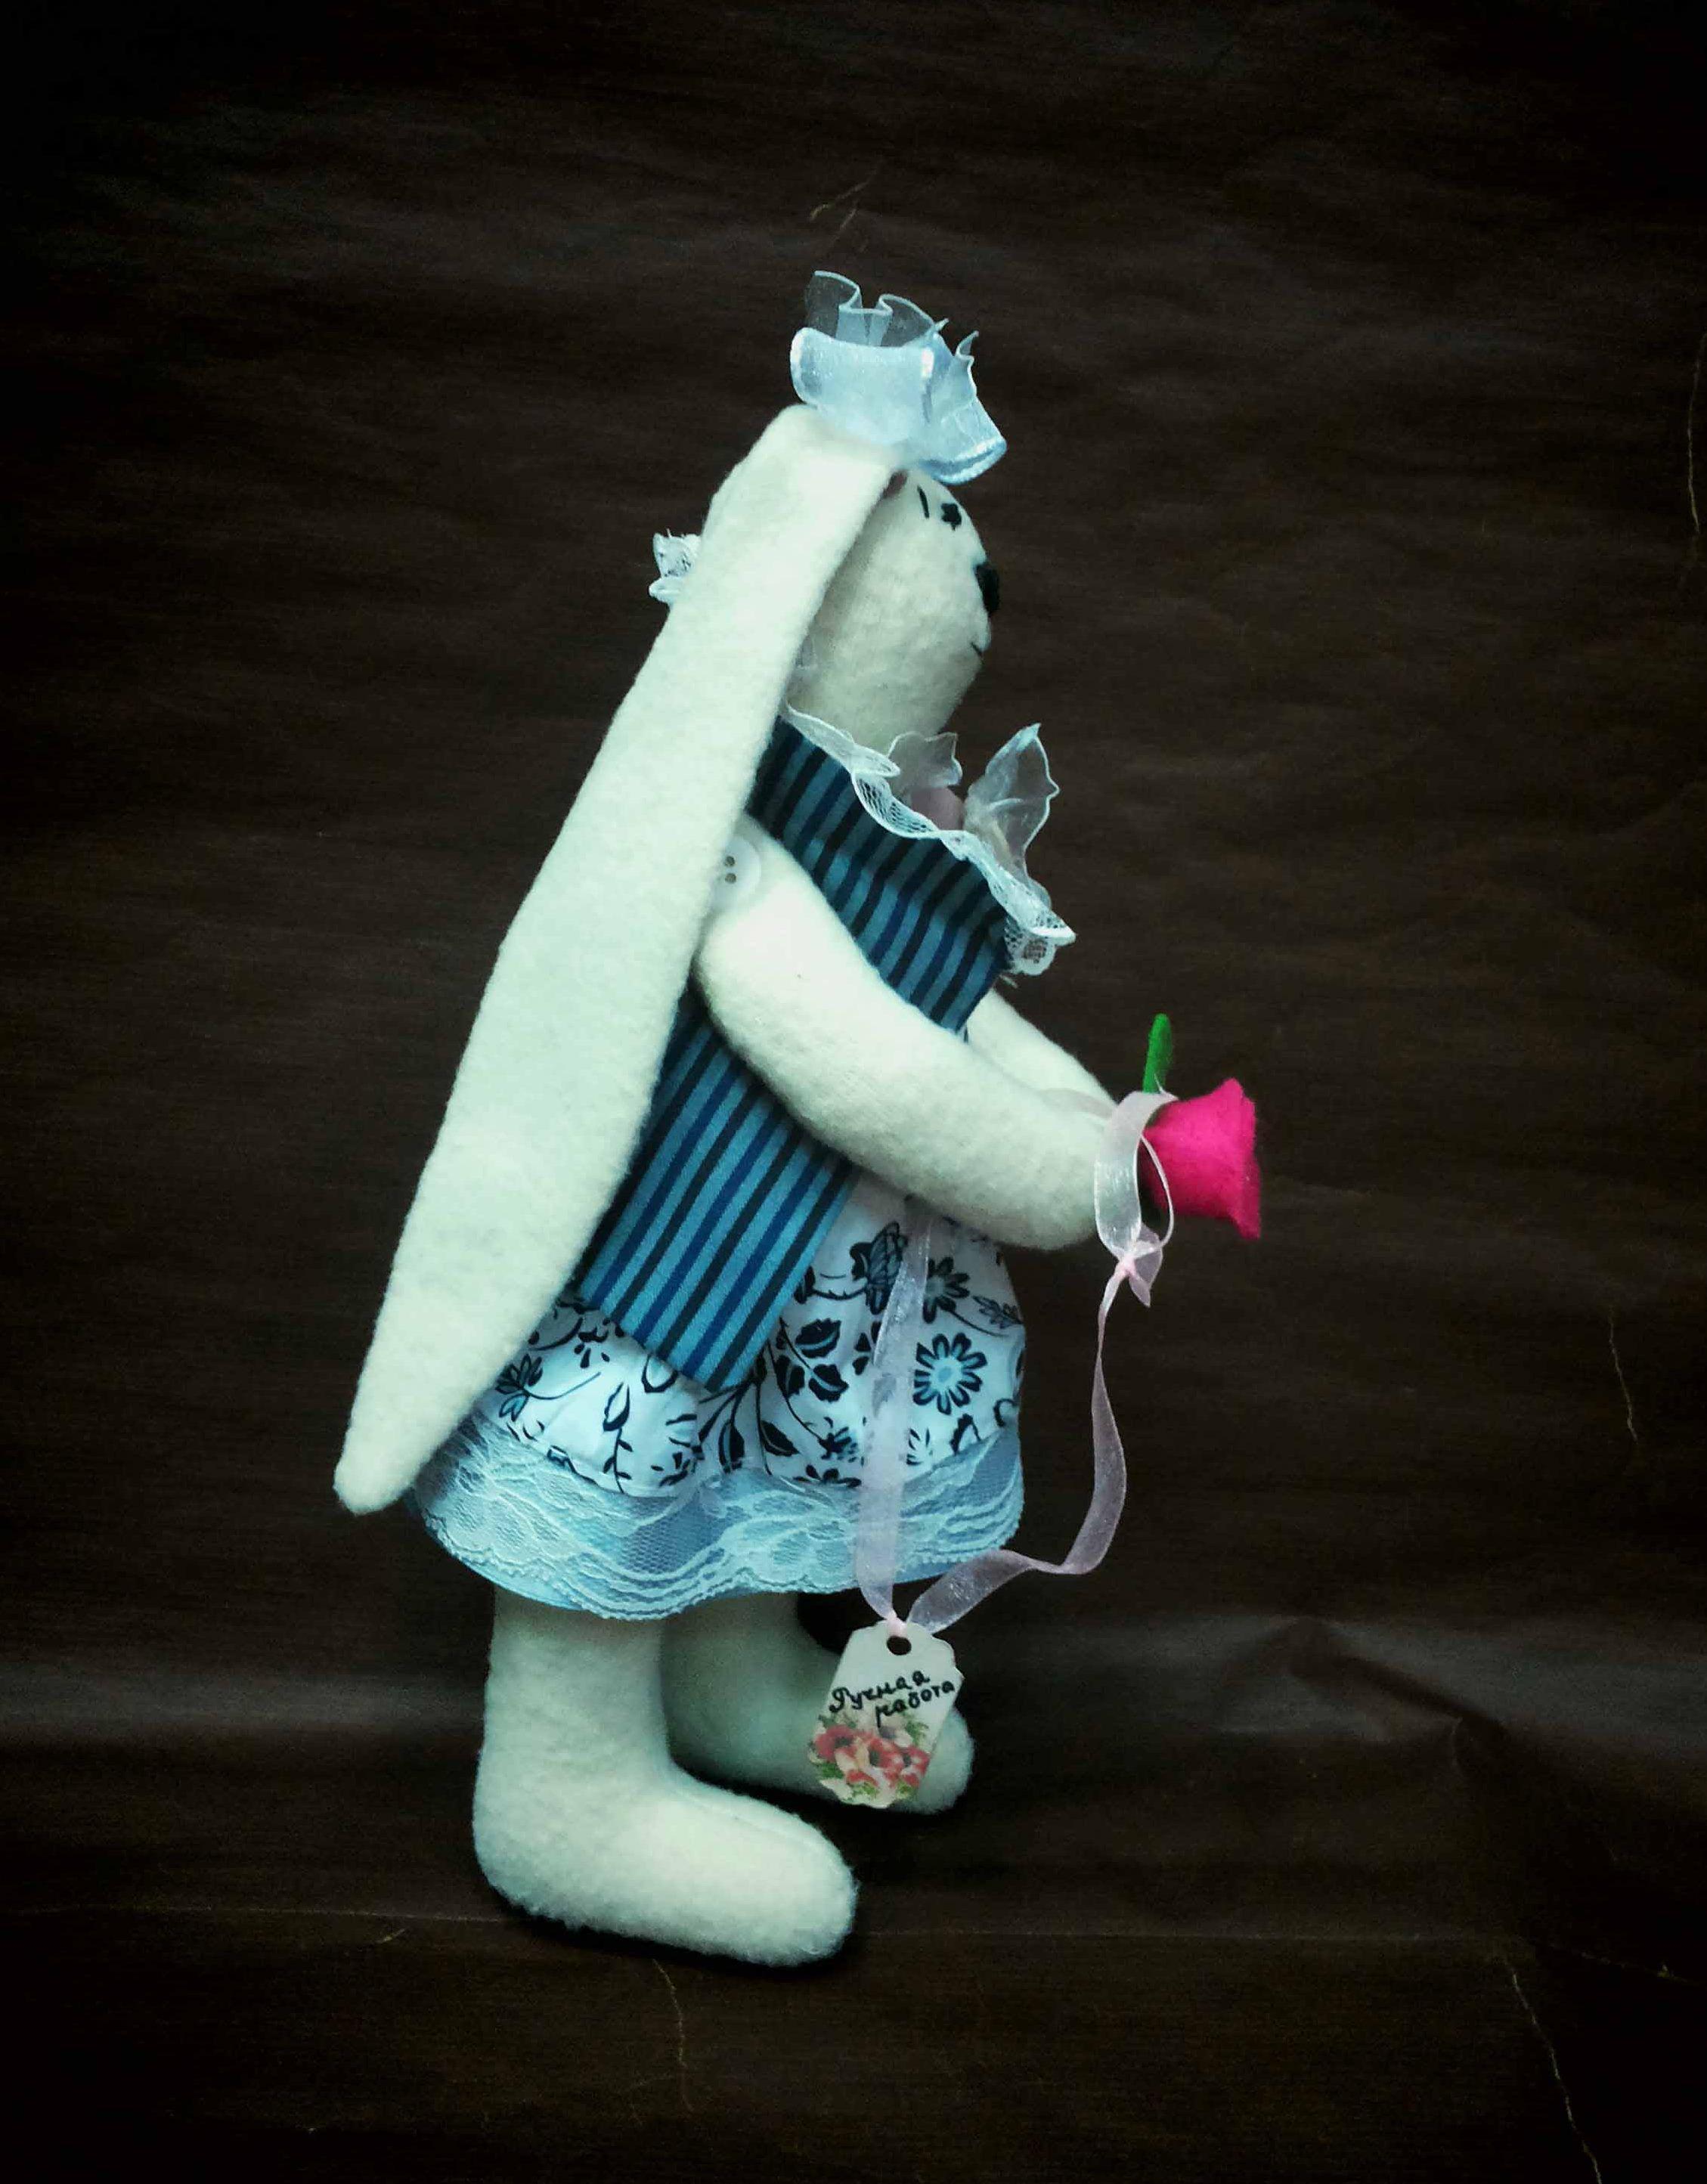 аворамок люблютворить игрушки подарок шьюназаказ ручнаяработа зайцы hendmade молодожены заяц дети свадьба зайкатильда